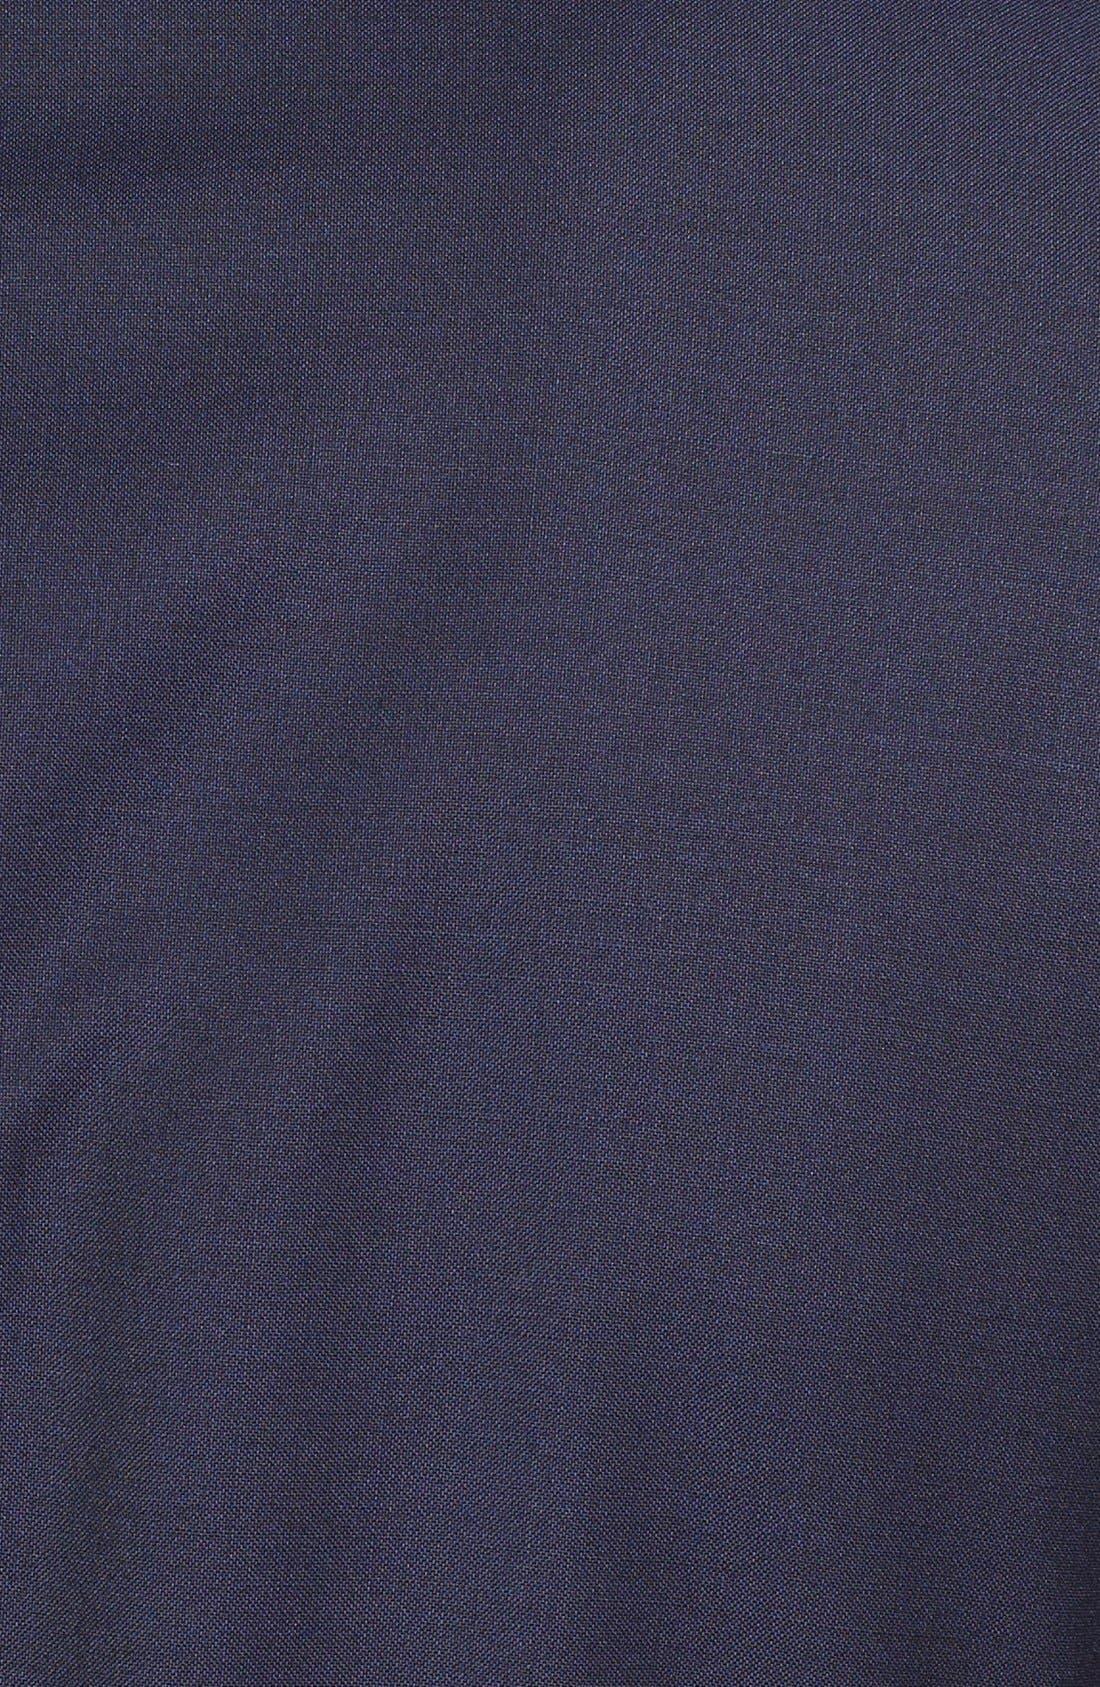 Huge/Genius Trim Fit Navy Wool Suit,                             Alternate thumbnail 9, color,                             NAVY